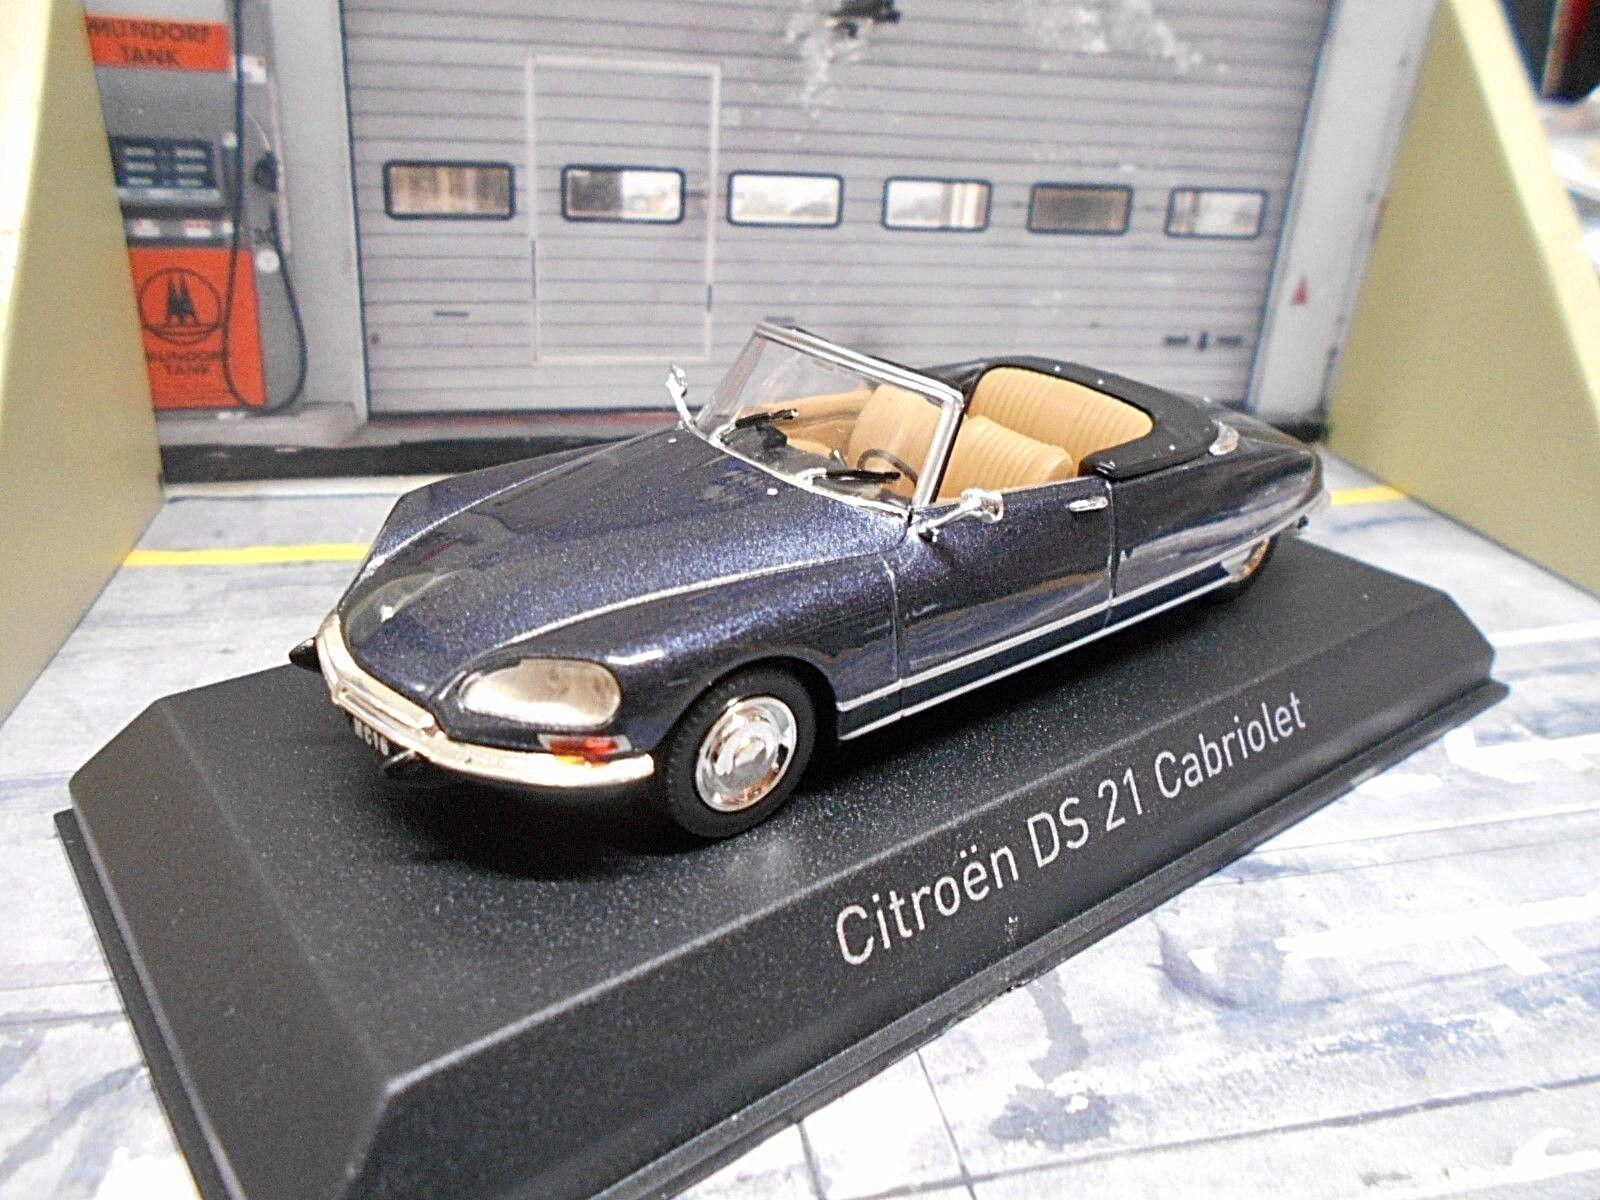 CITROEN ds21 DS 21 CABRIOLET cabriolet 1971 Bleu bleu Met 157054 NOREV 1 43